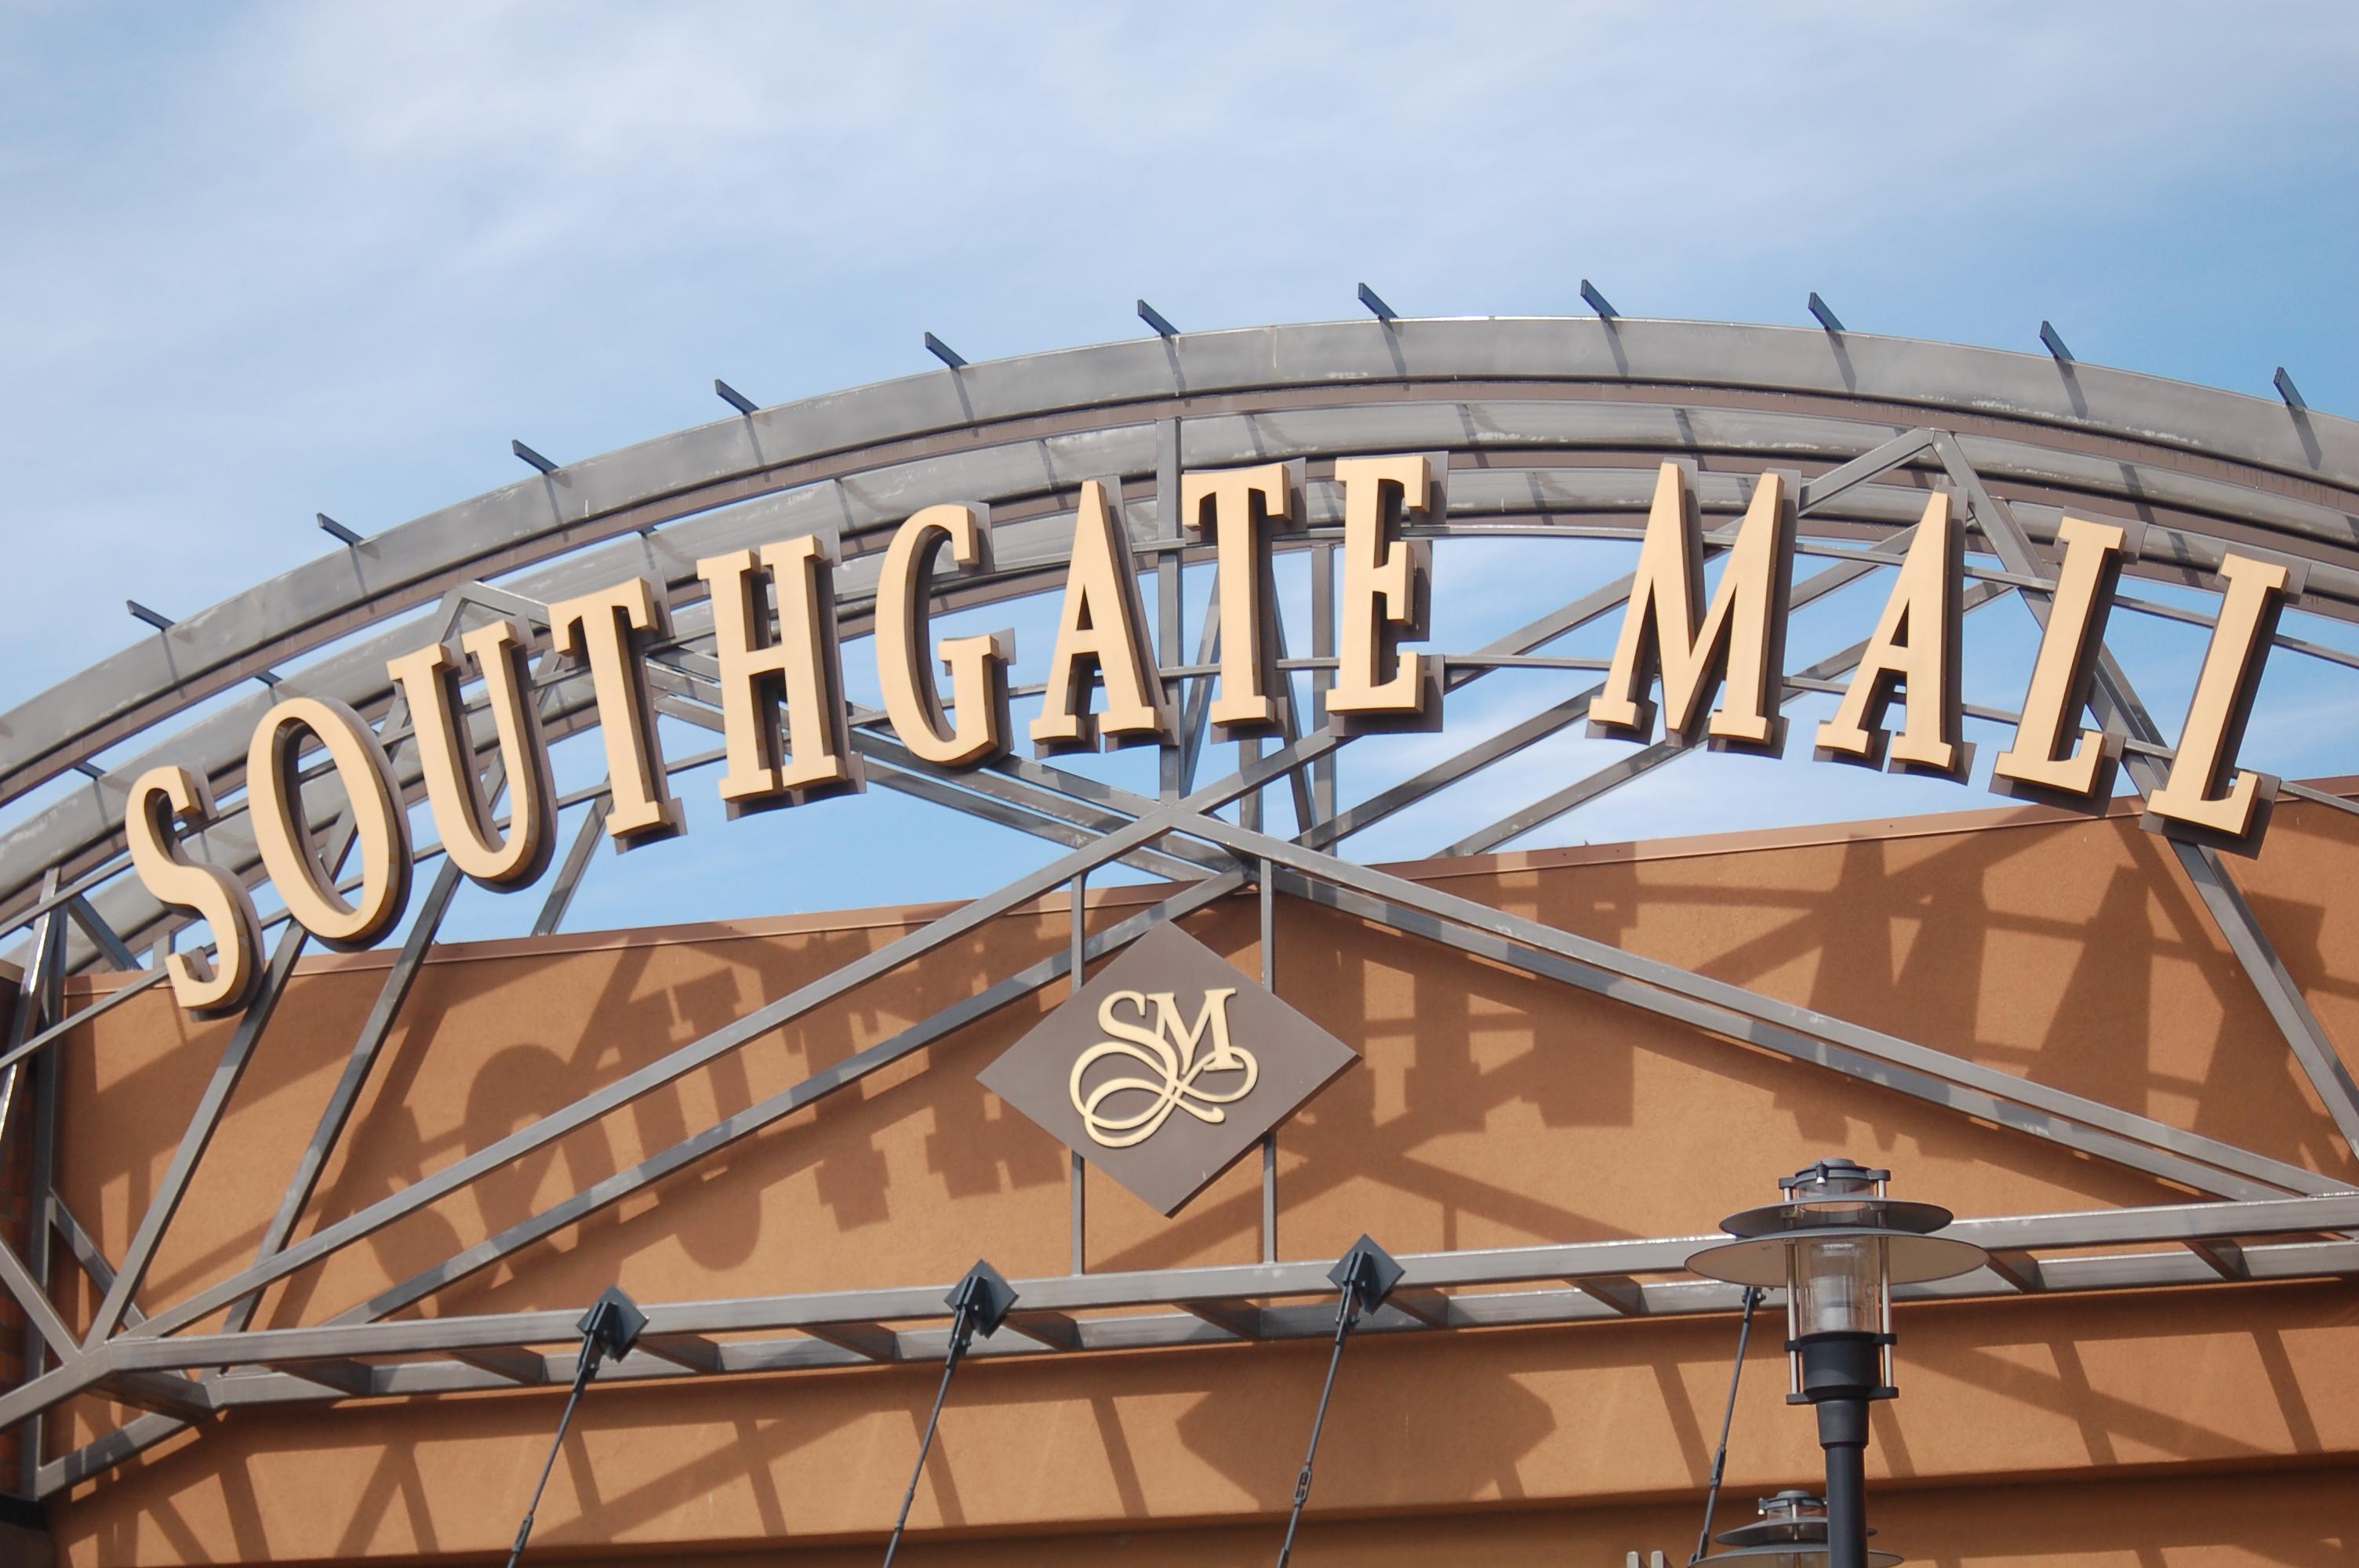 Southgate Mall (Missoula) - Wikipedia